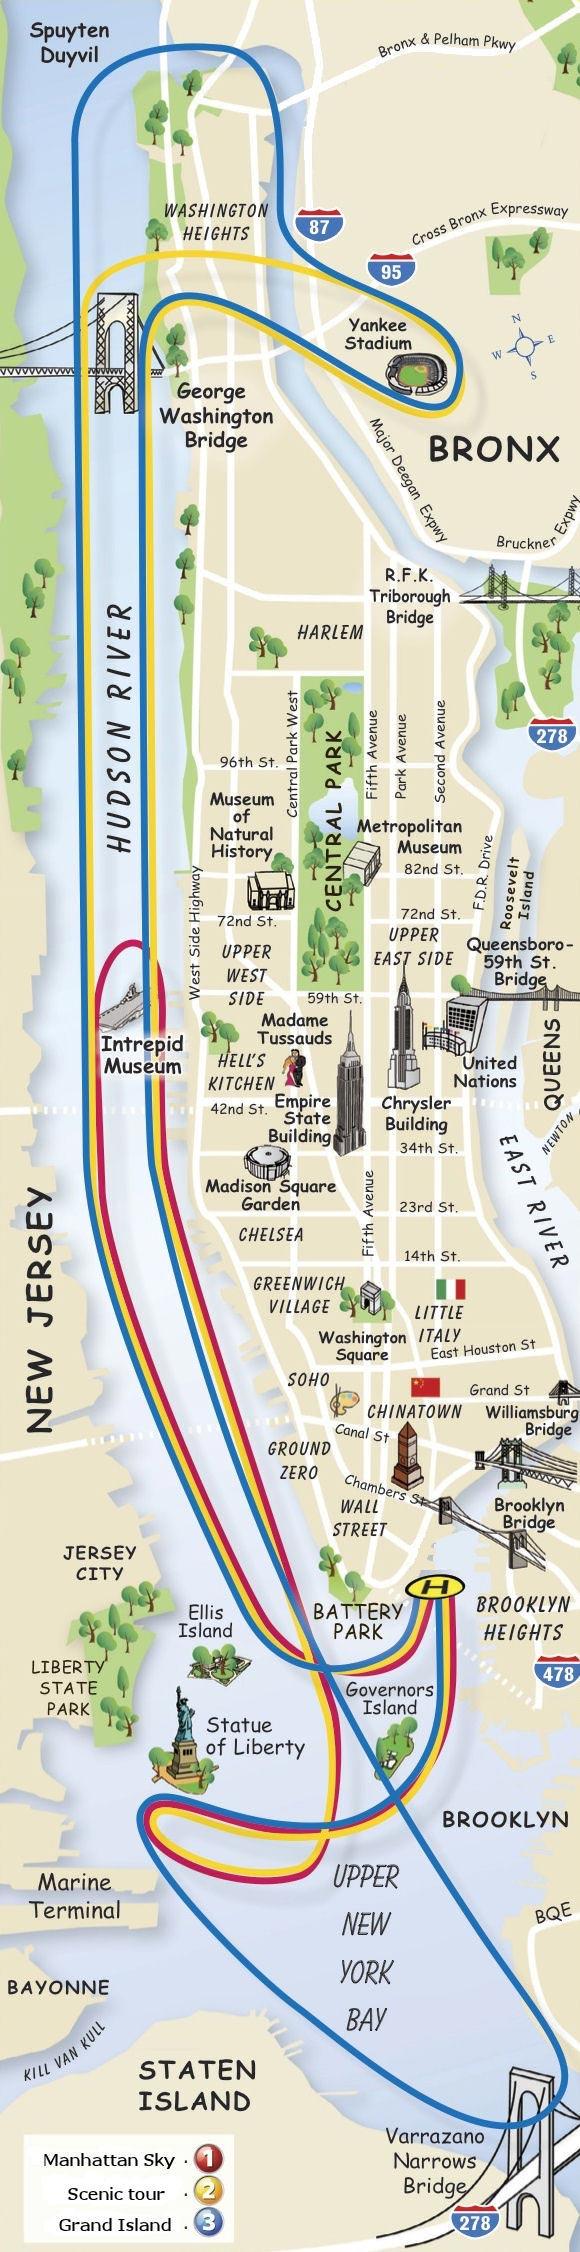 Helikoptertur i New York - Kart